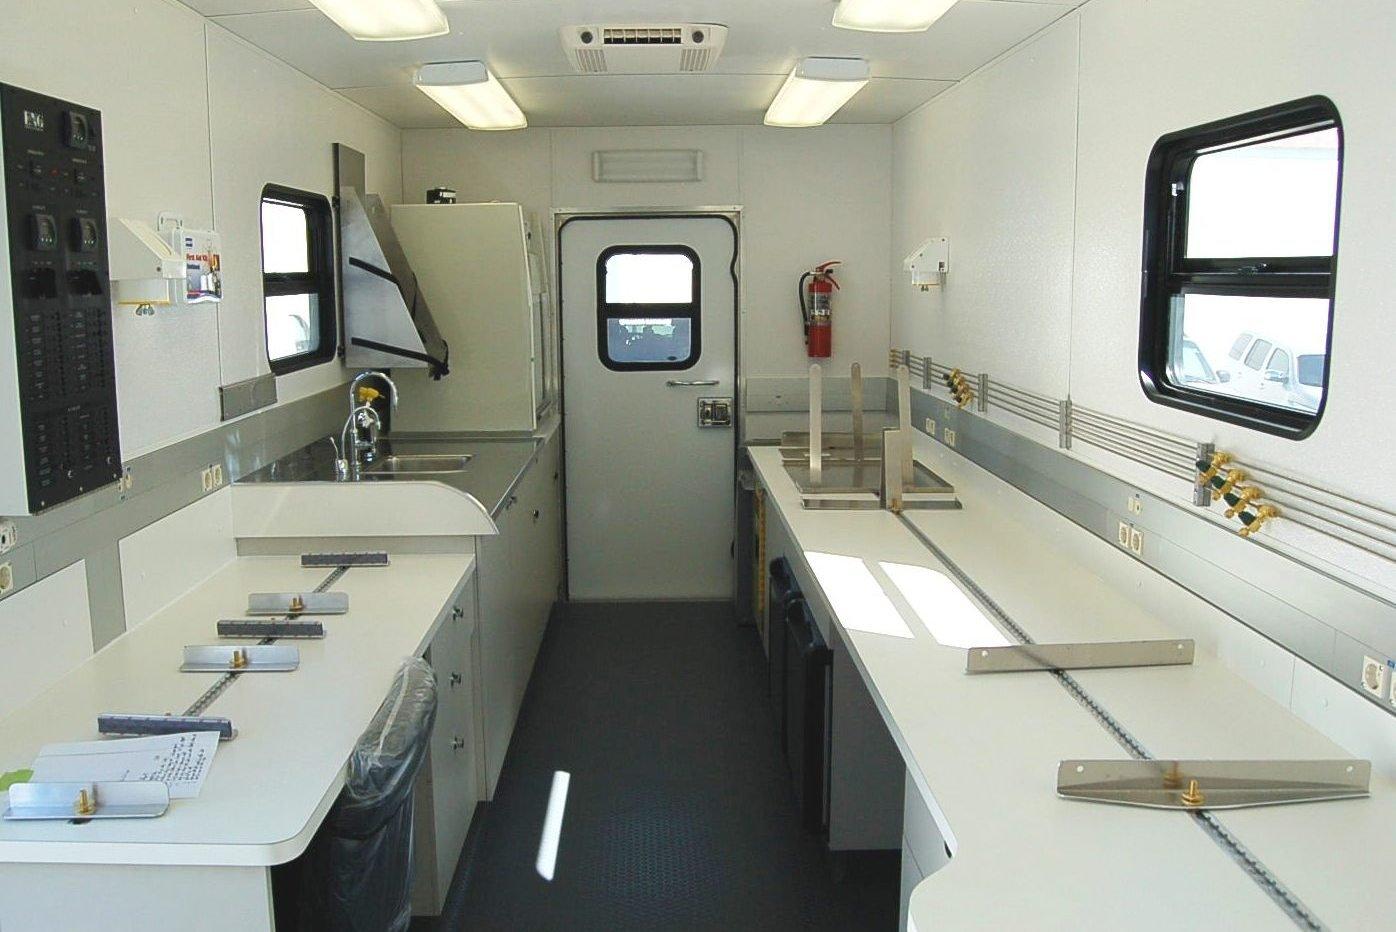 Mobile Laboratory 220-01 Interior